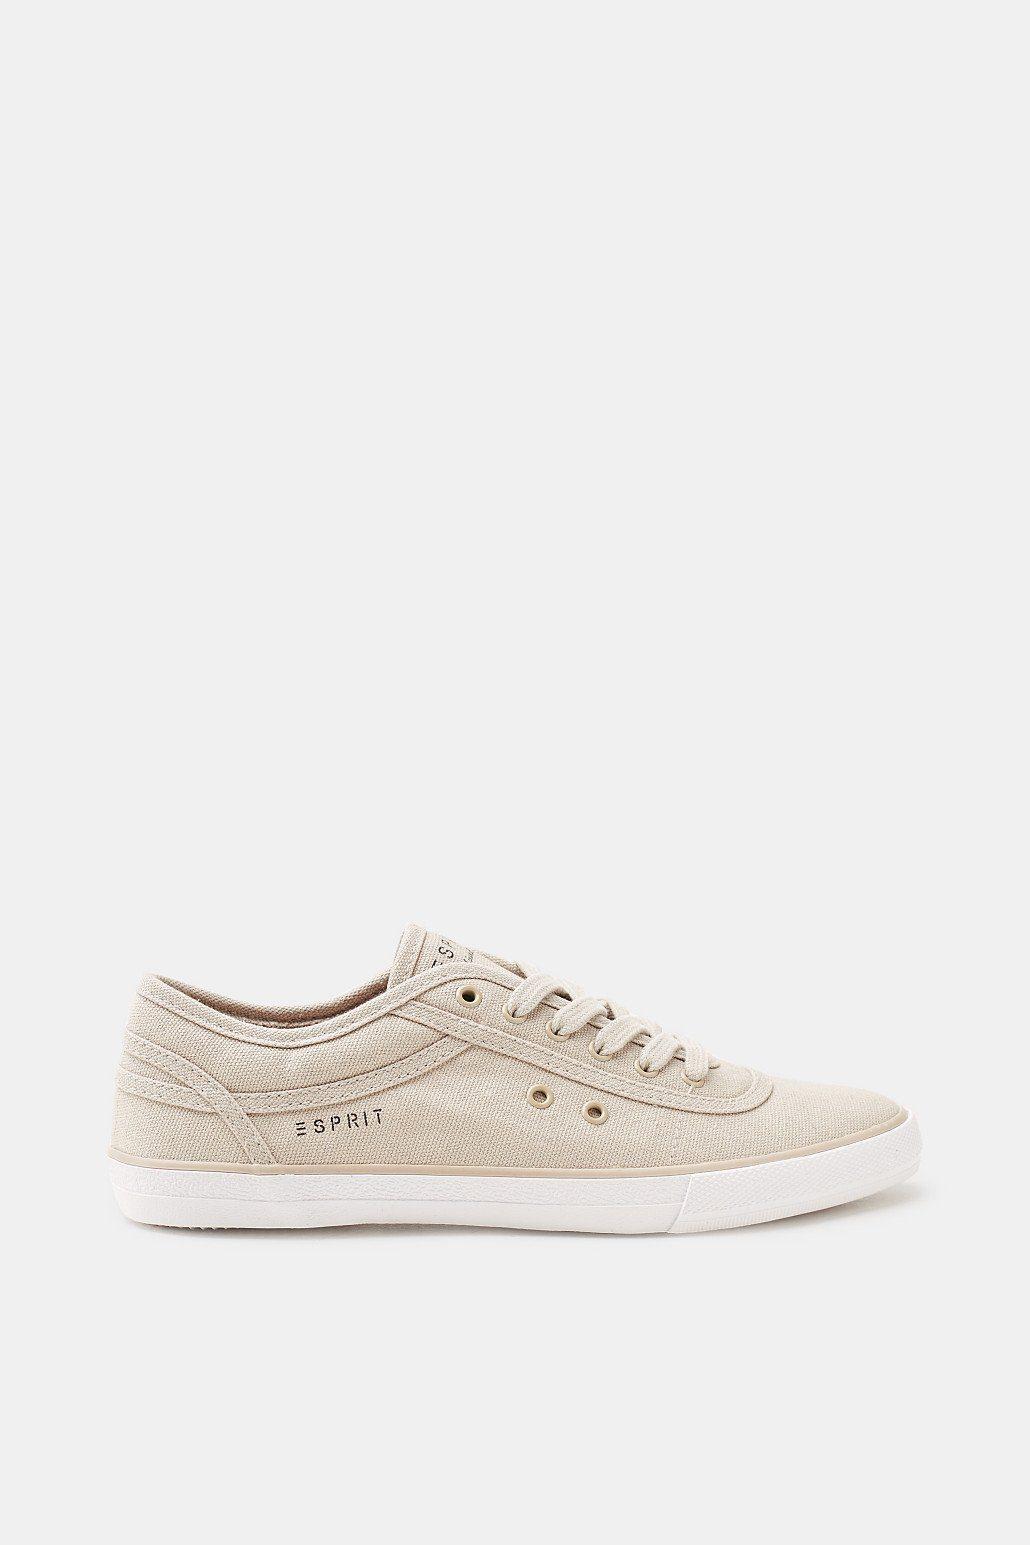 Esprit ESPRIT Zeitloser Canvas-Sneaker aus Baumwolle, weiß, WHITE